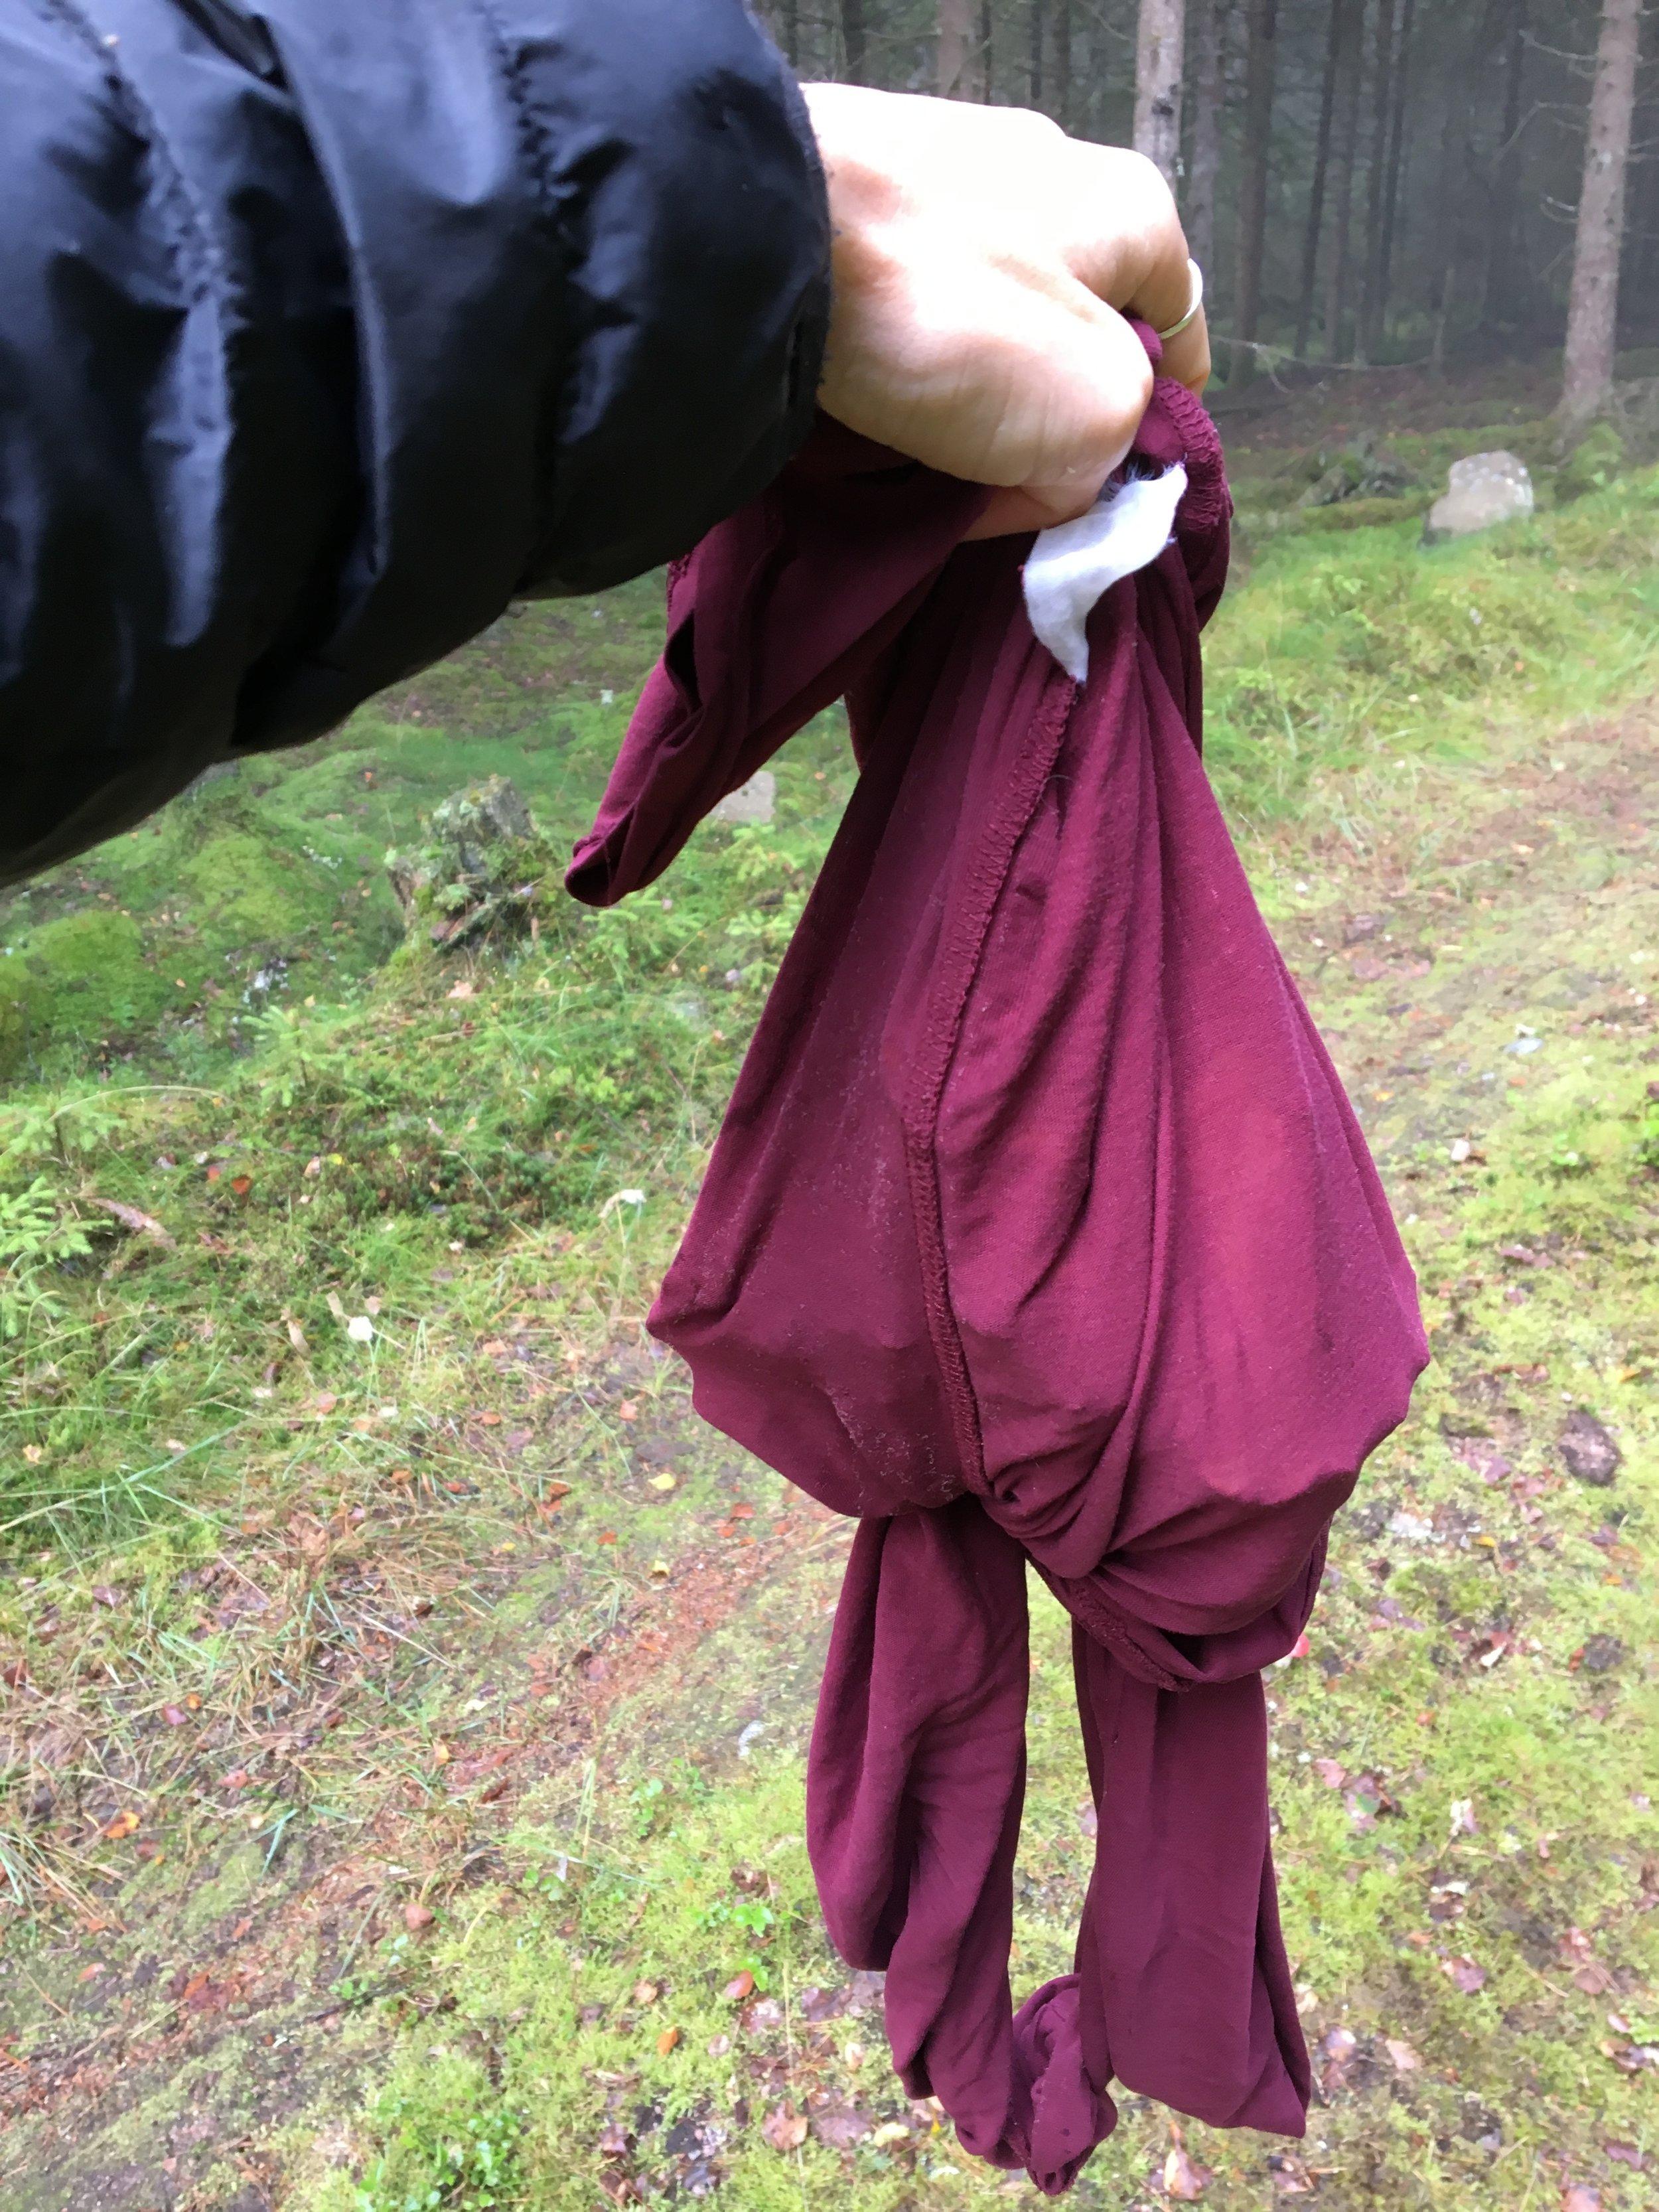 """Ibland får tröjan bli en svamppåse fast glädjen över """"hittandet"""" har översikt med sådana bagateller."""